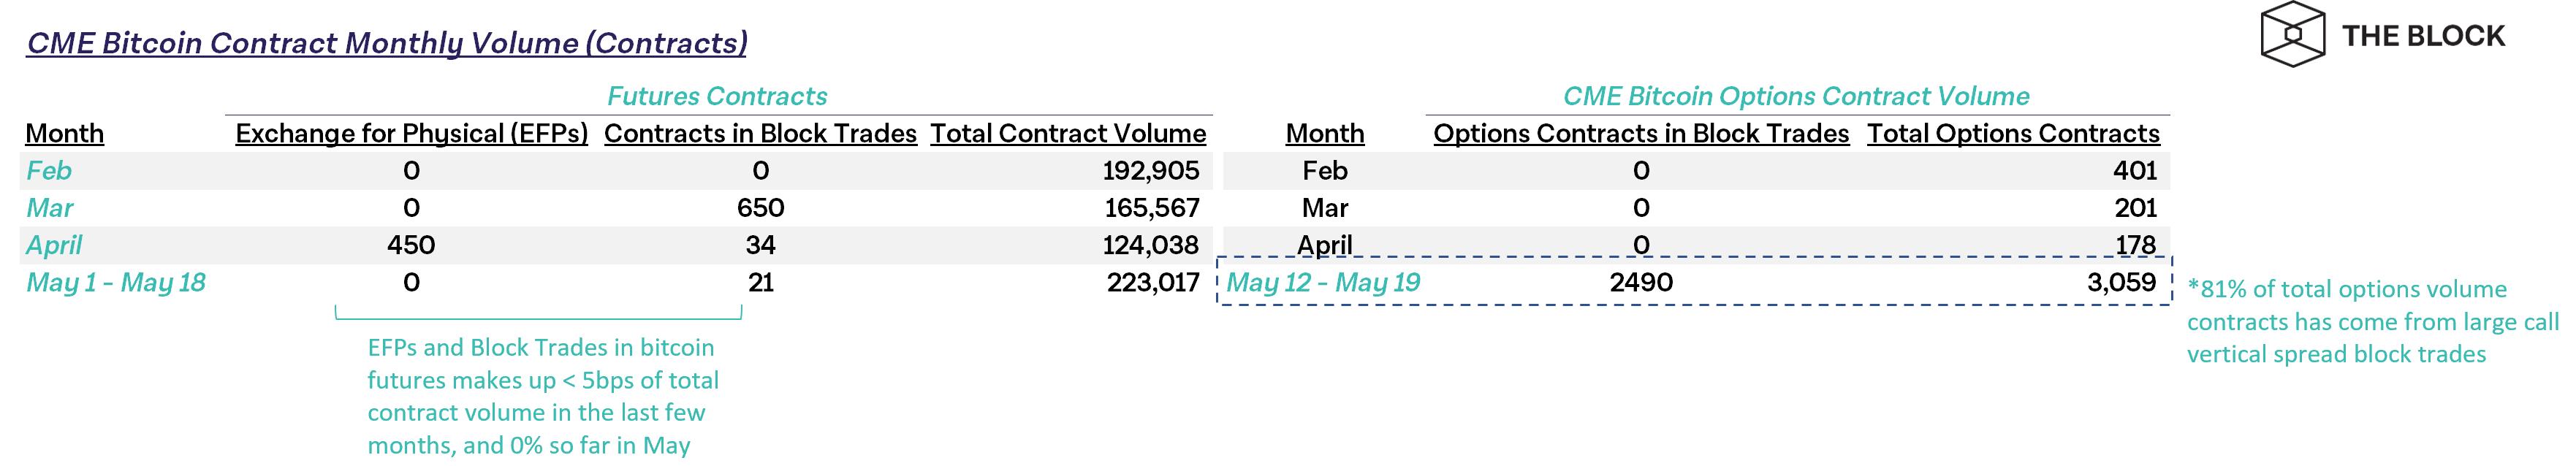 image 2 3 - На пять блочных сделок пришлось более 80% торговой активности на рынке биткоин-опционов CME